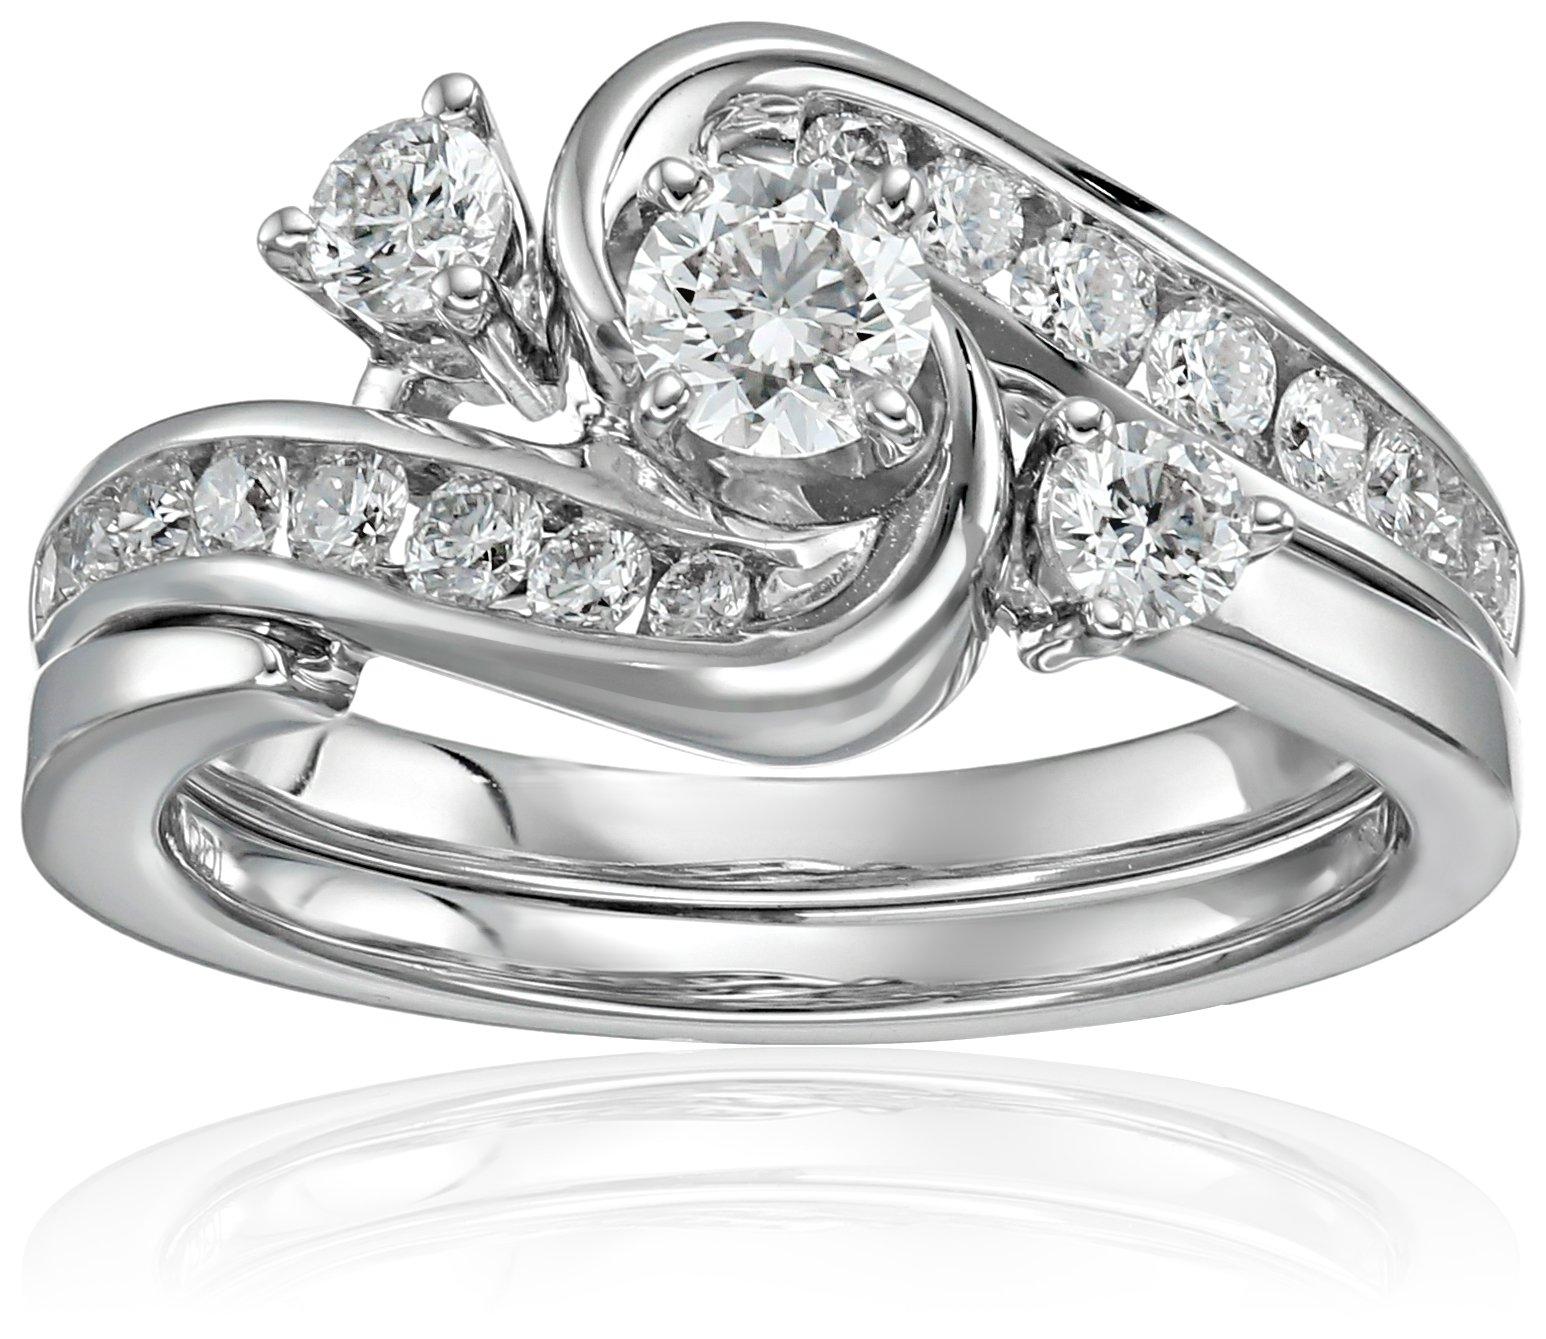 IGI Certified 14k White Gold Diamond Interlocking Bypass Bridal Wedding Ring Set (1 cttw, H-I Color, I1-I2 Clarity), Size 7